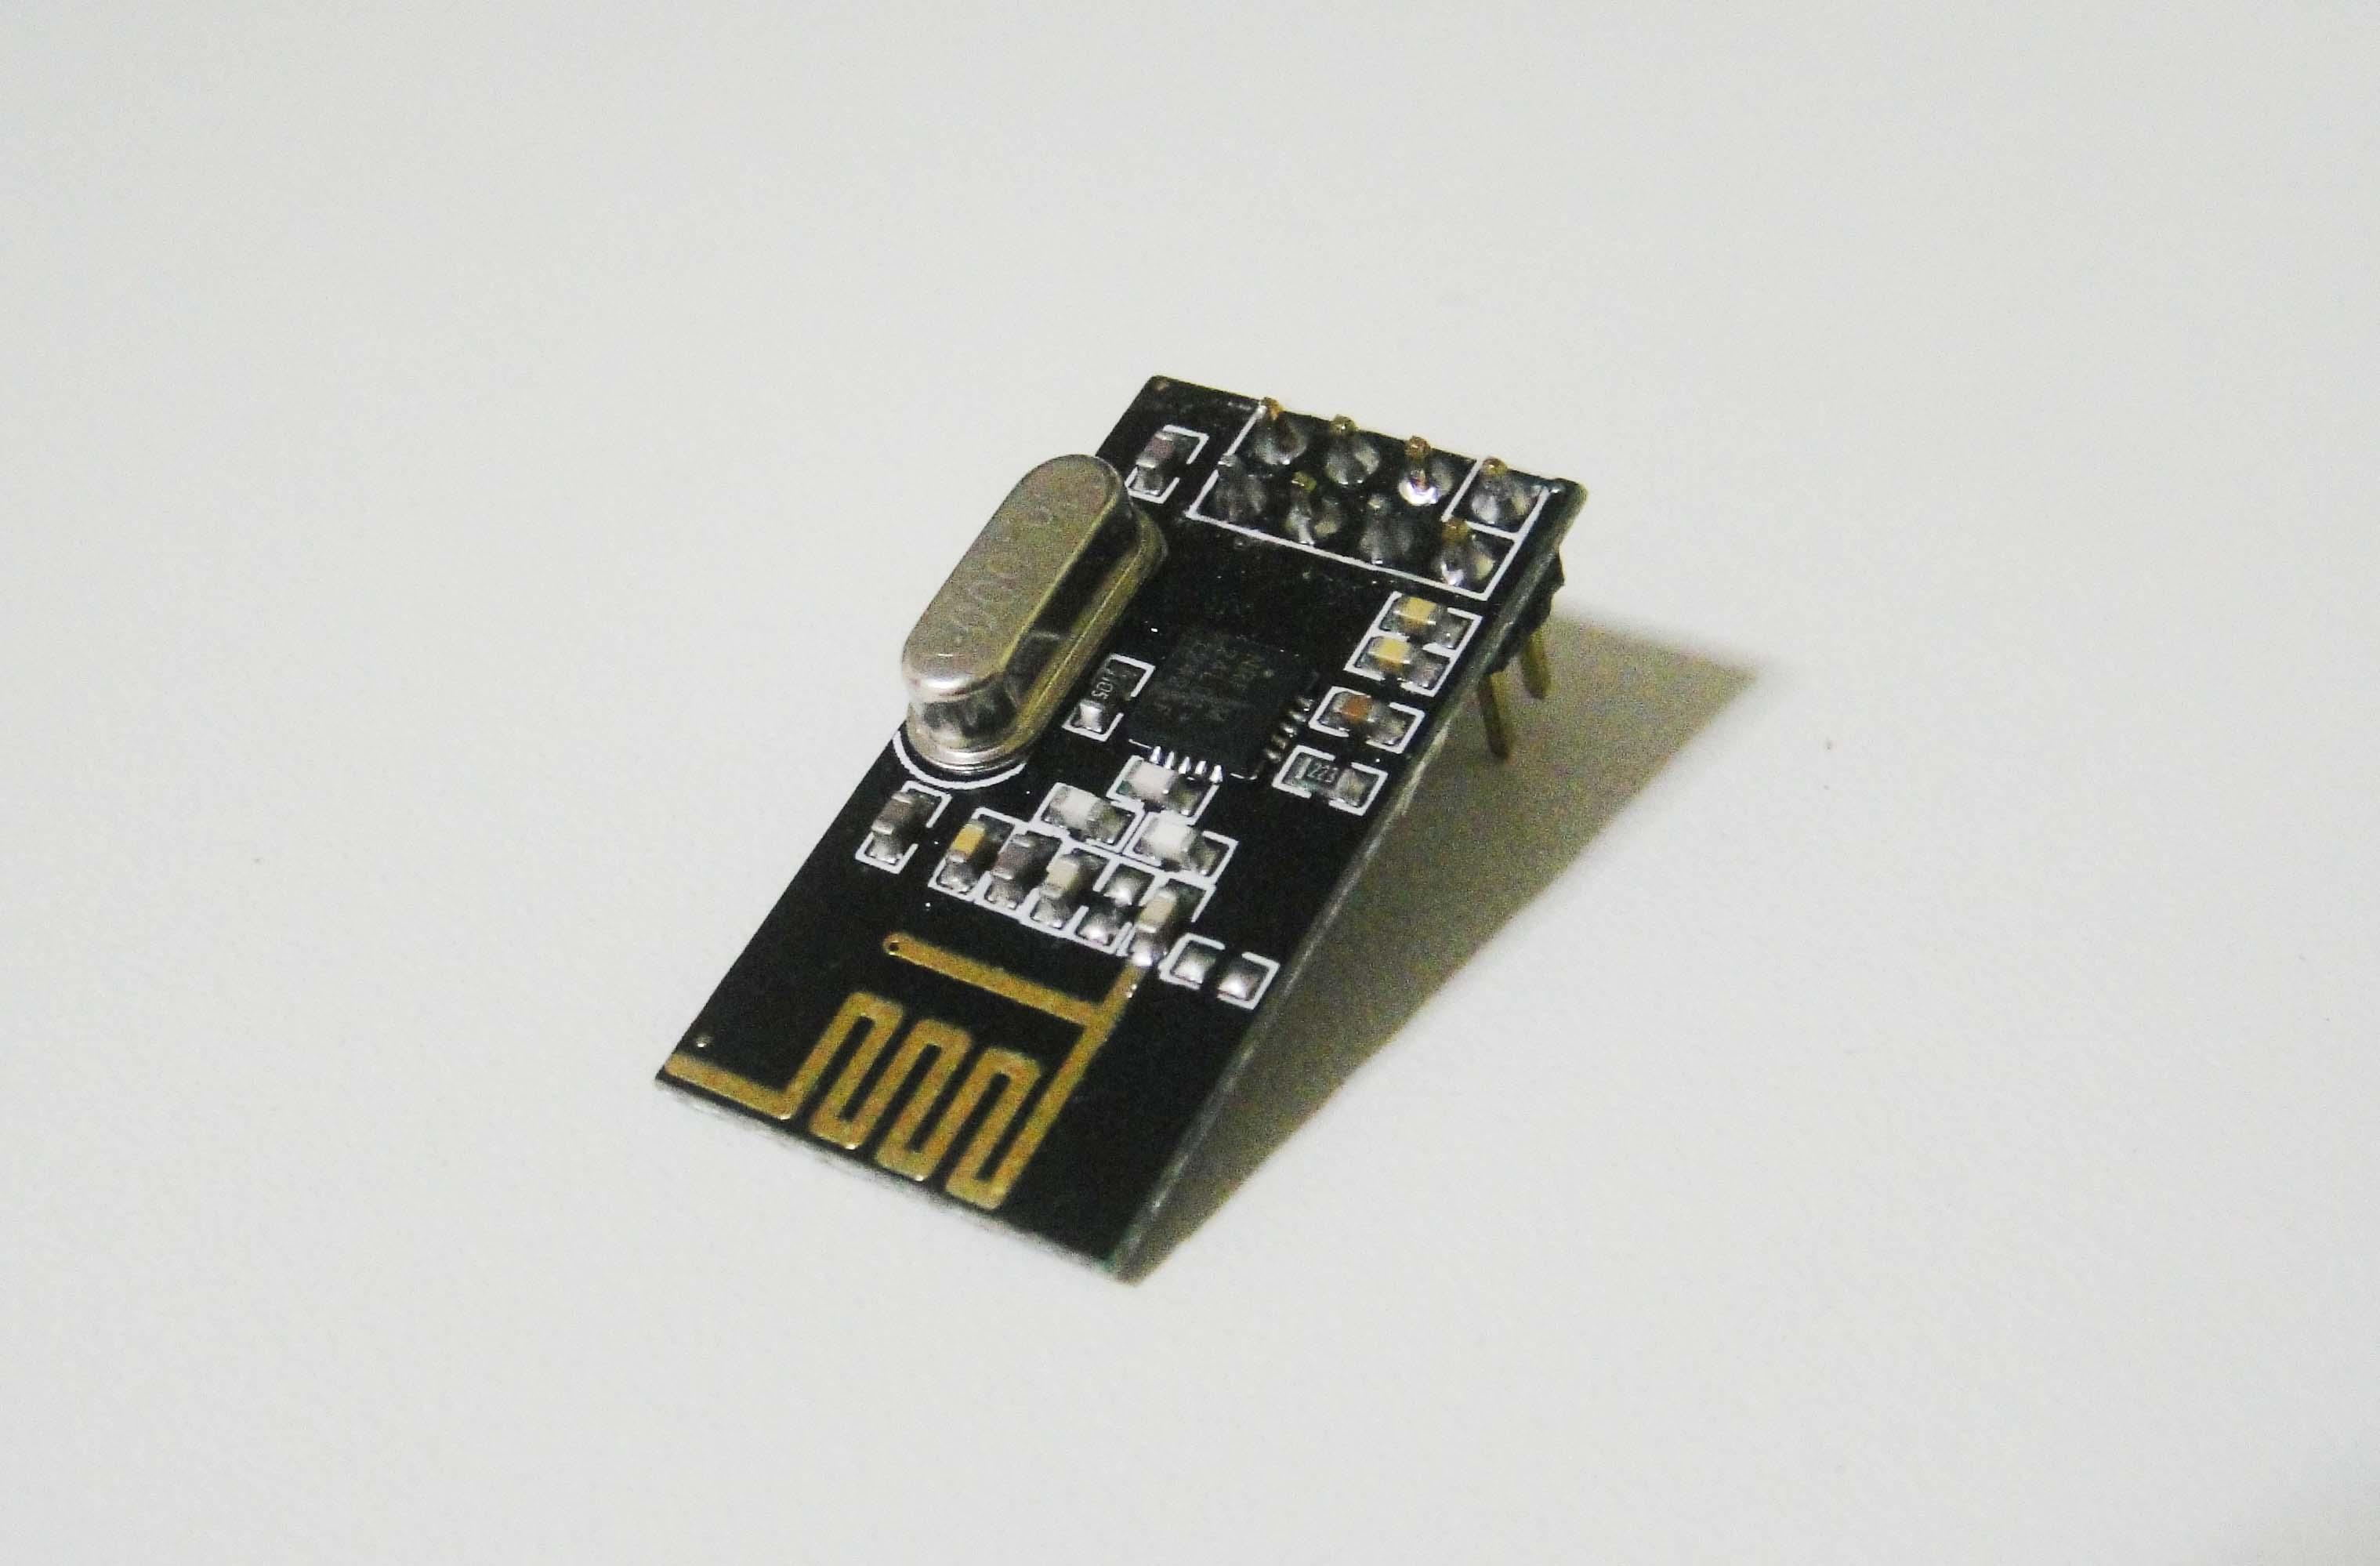 NRF24L01 Wireless Module 2.4G